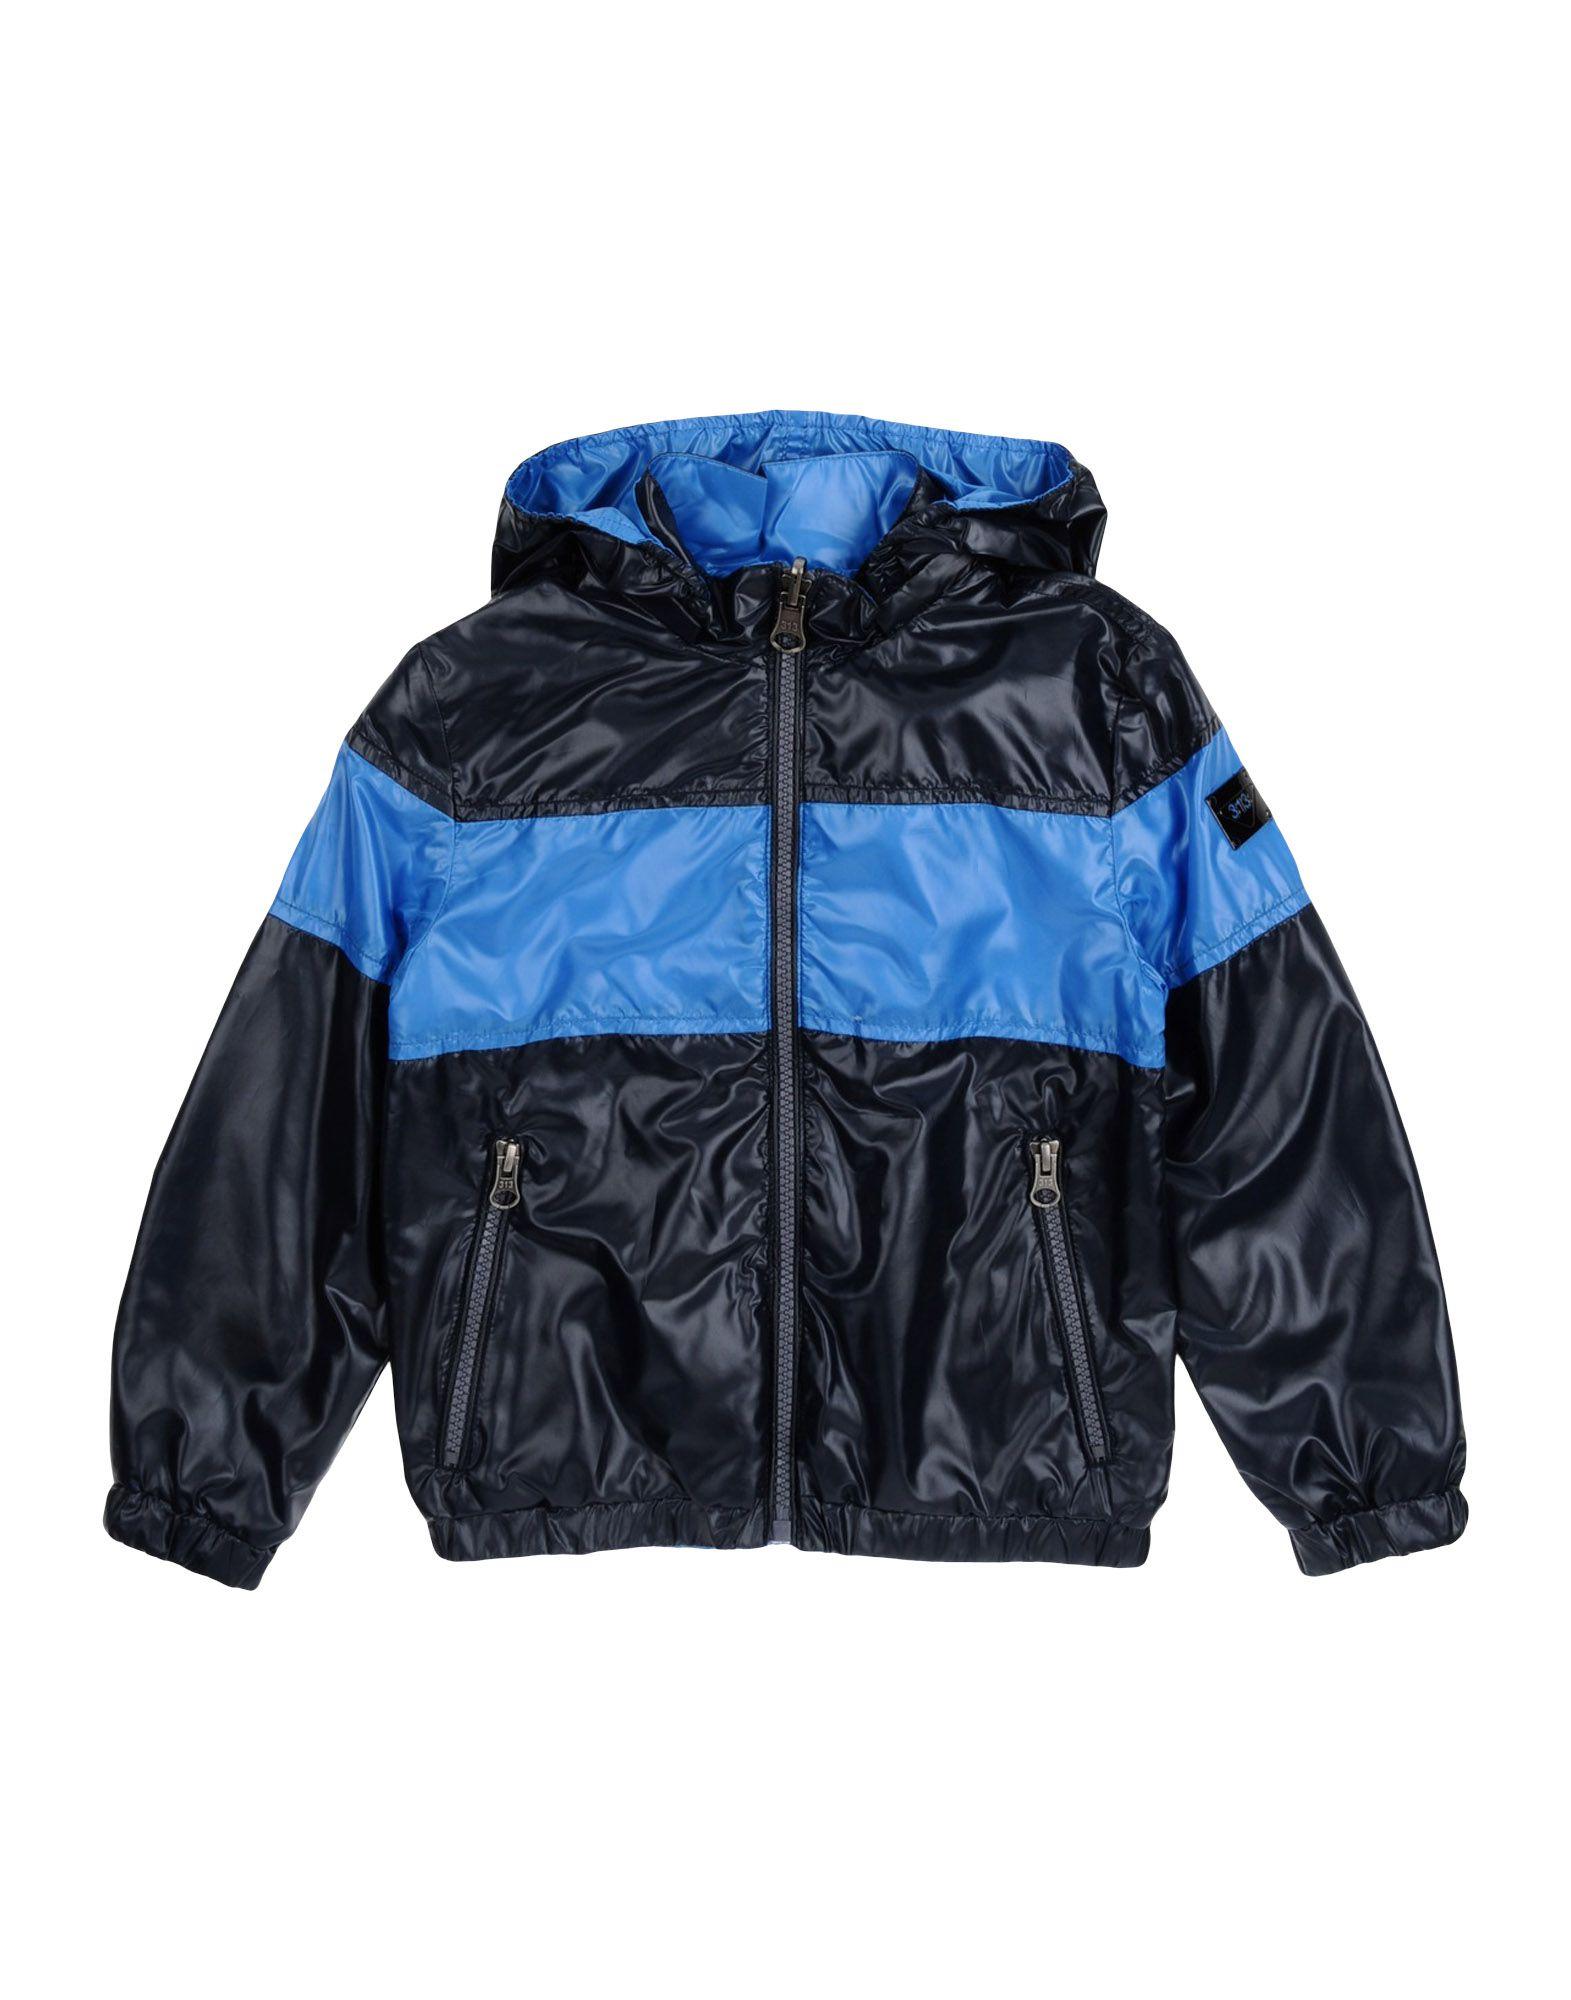 313 TRE UNO TRE Куртка купить грузовой 313 спринтер в черновцах